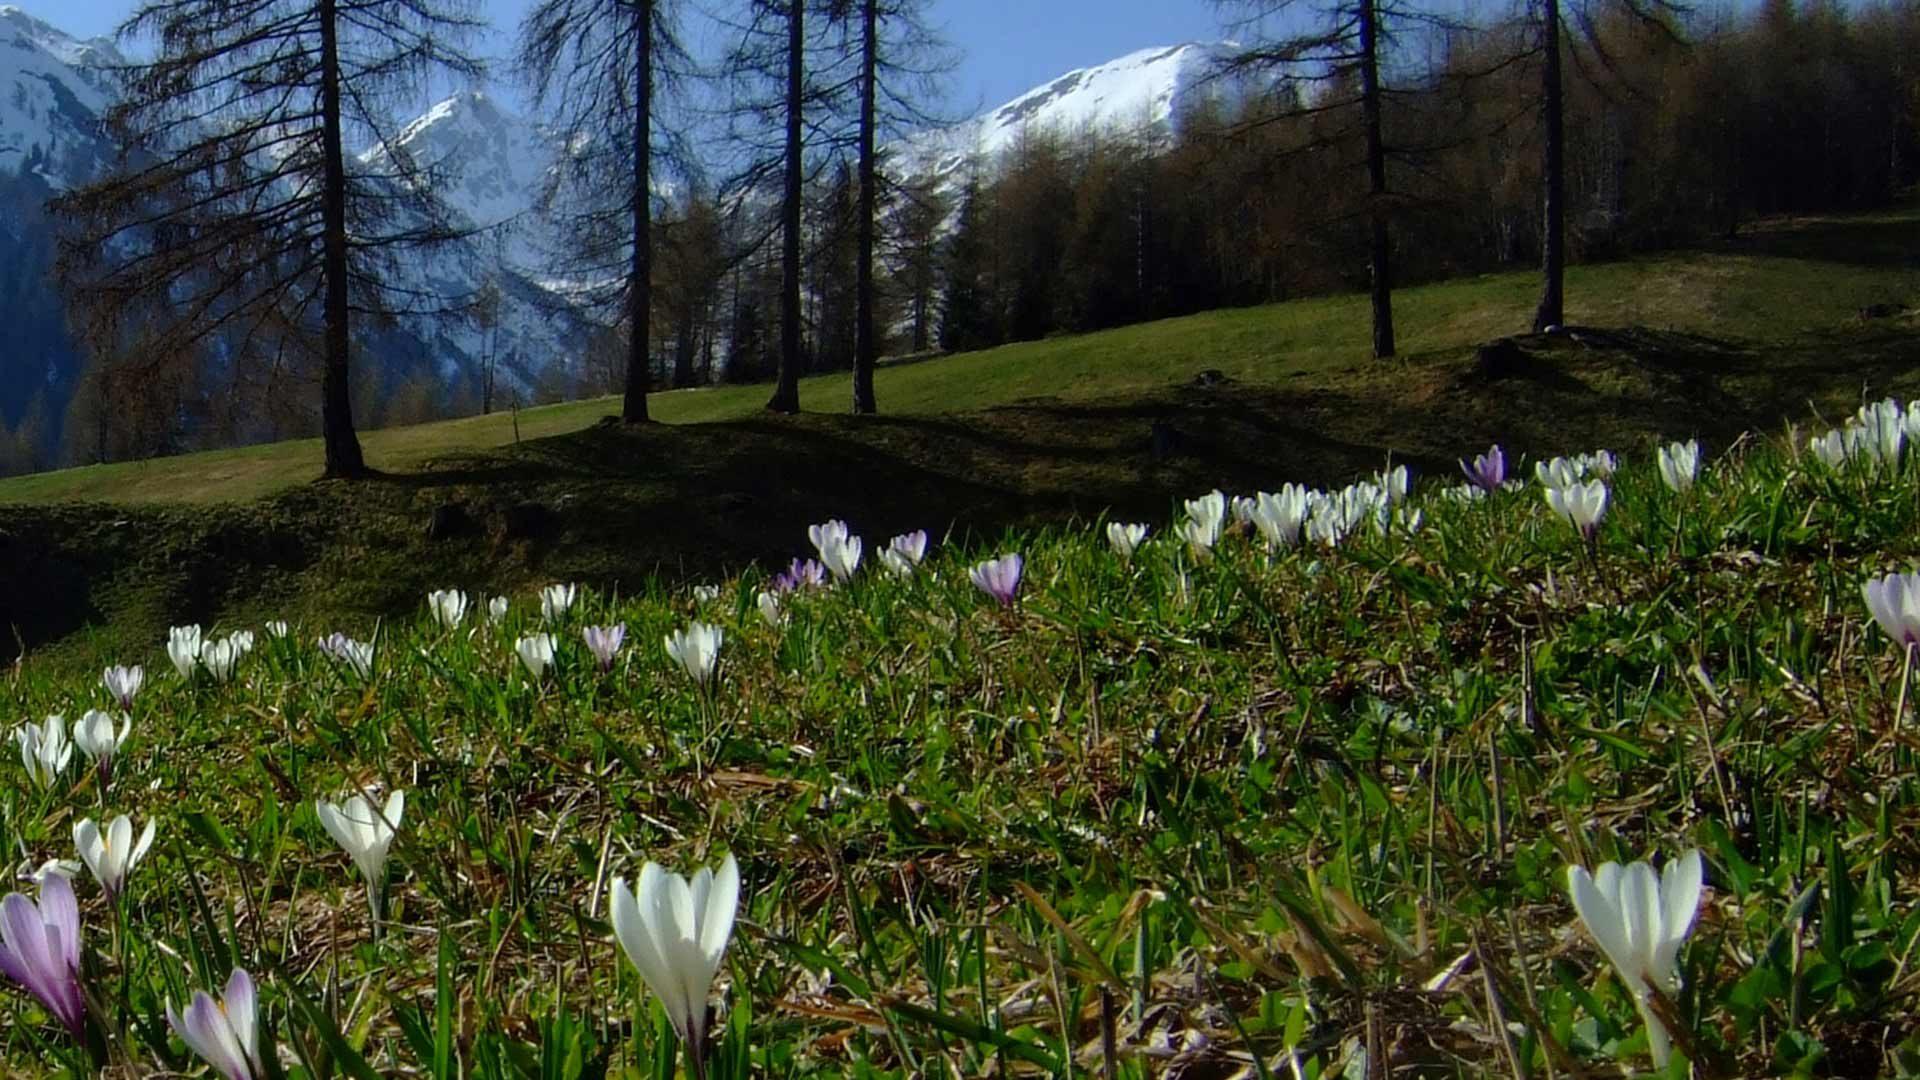 Al Piccolo Monte Cornicolo - Proves